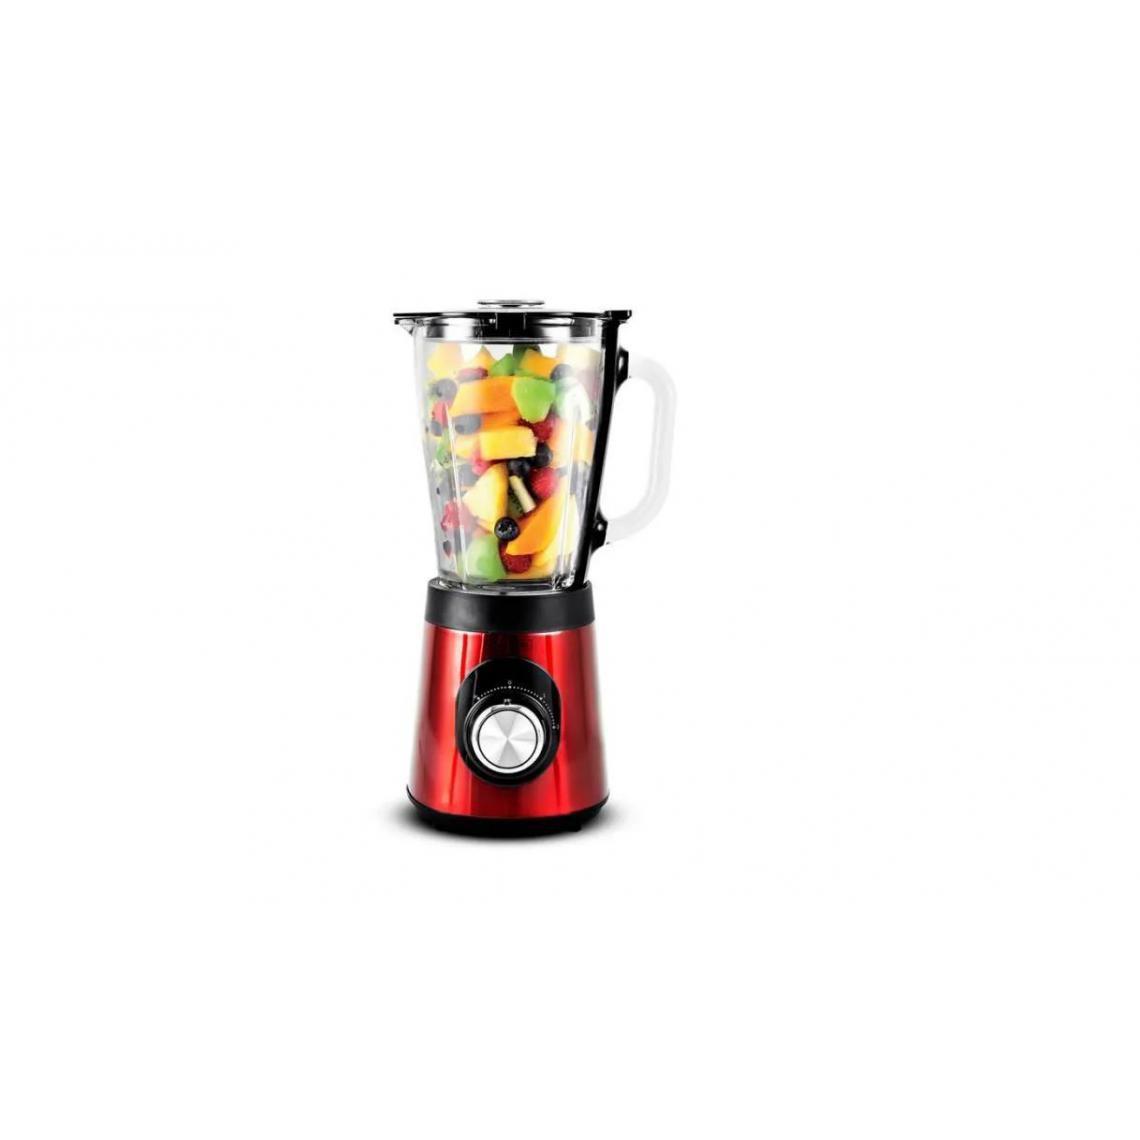 Kitchencook Blender en verre gradué 500W B9turbo - Rouge